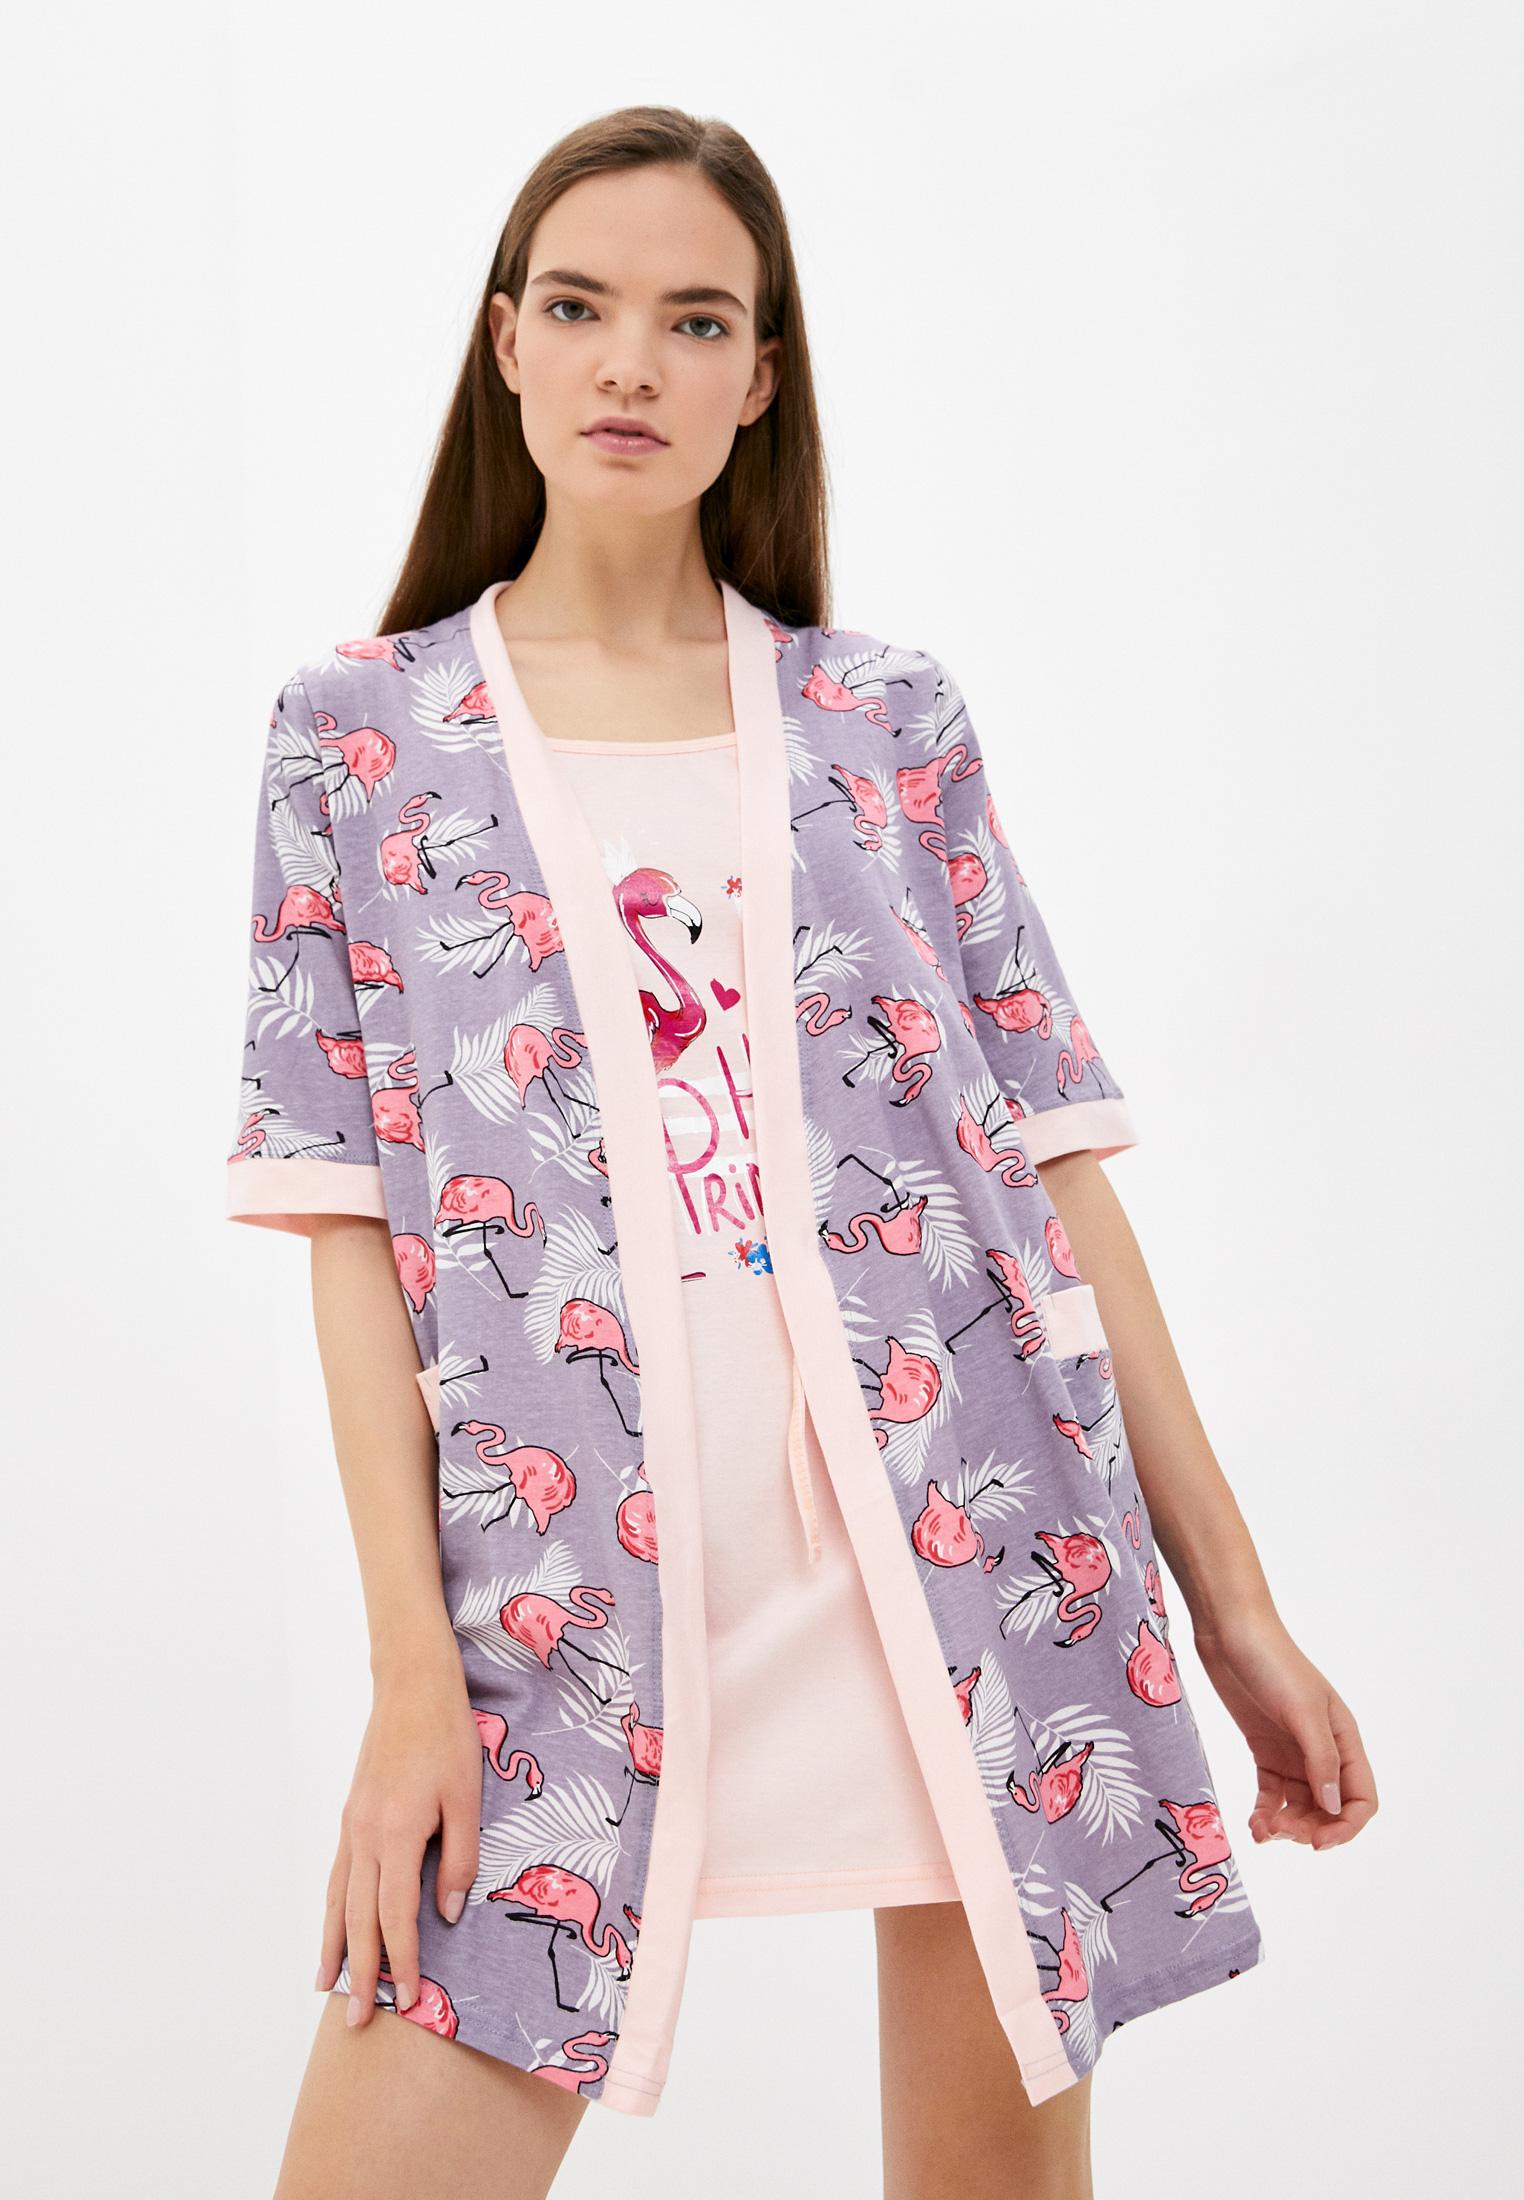 Женское белье и одежда для дома Dansanti ДК593